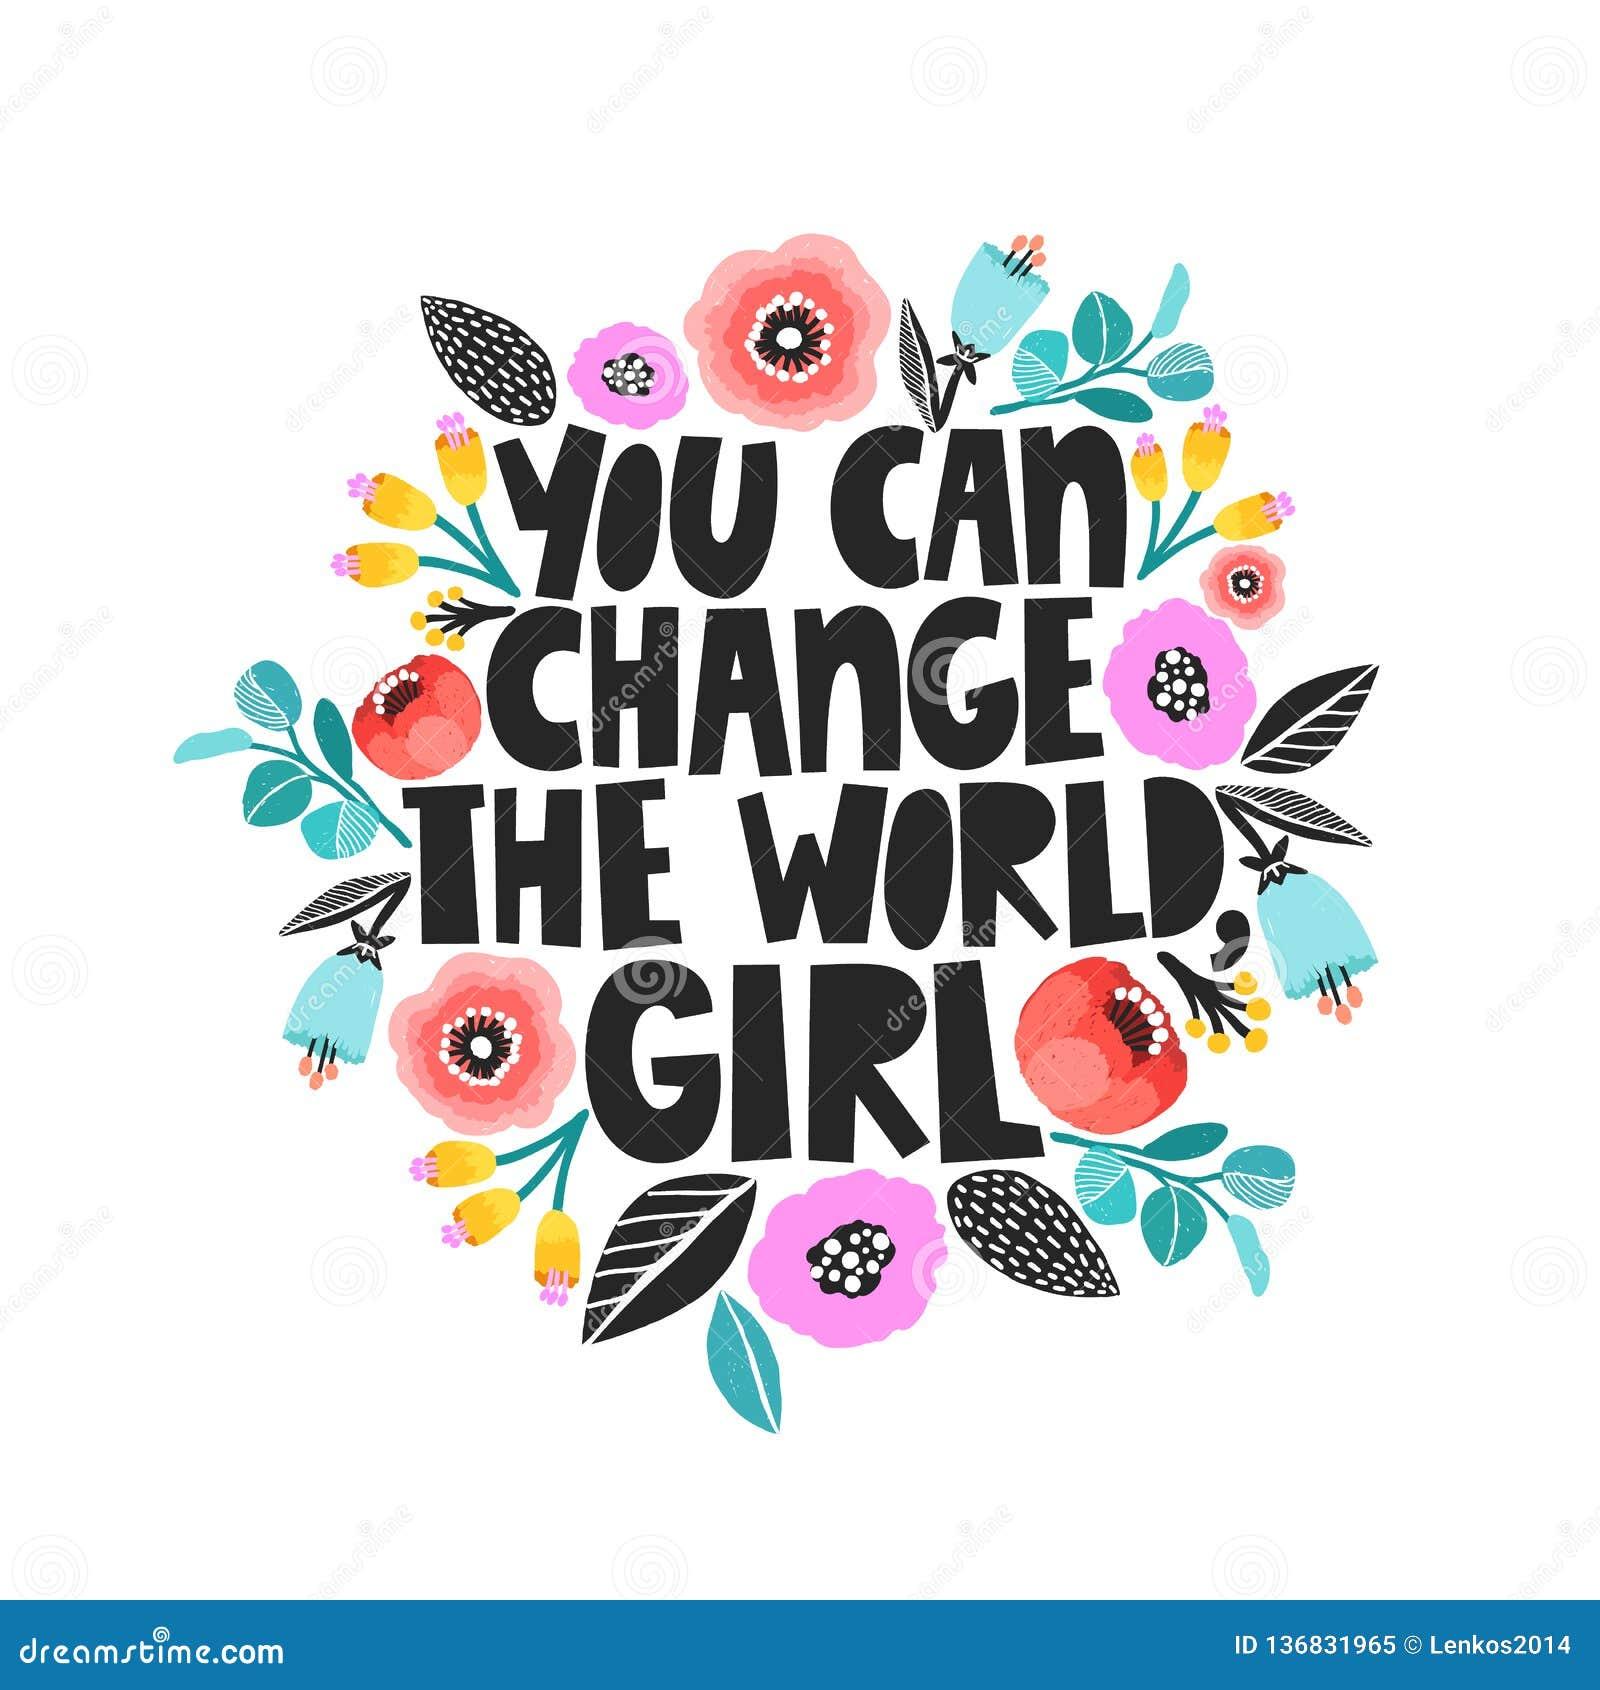 Potete cambiare il mondo, ragazza - illustrazione disegnata a mano Citazione di femminismo fatta nel vettore Slogan motivazionale